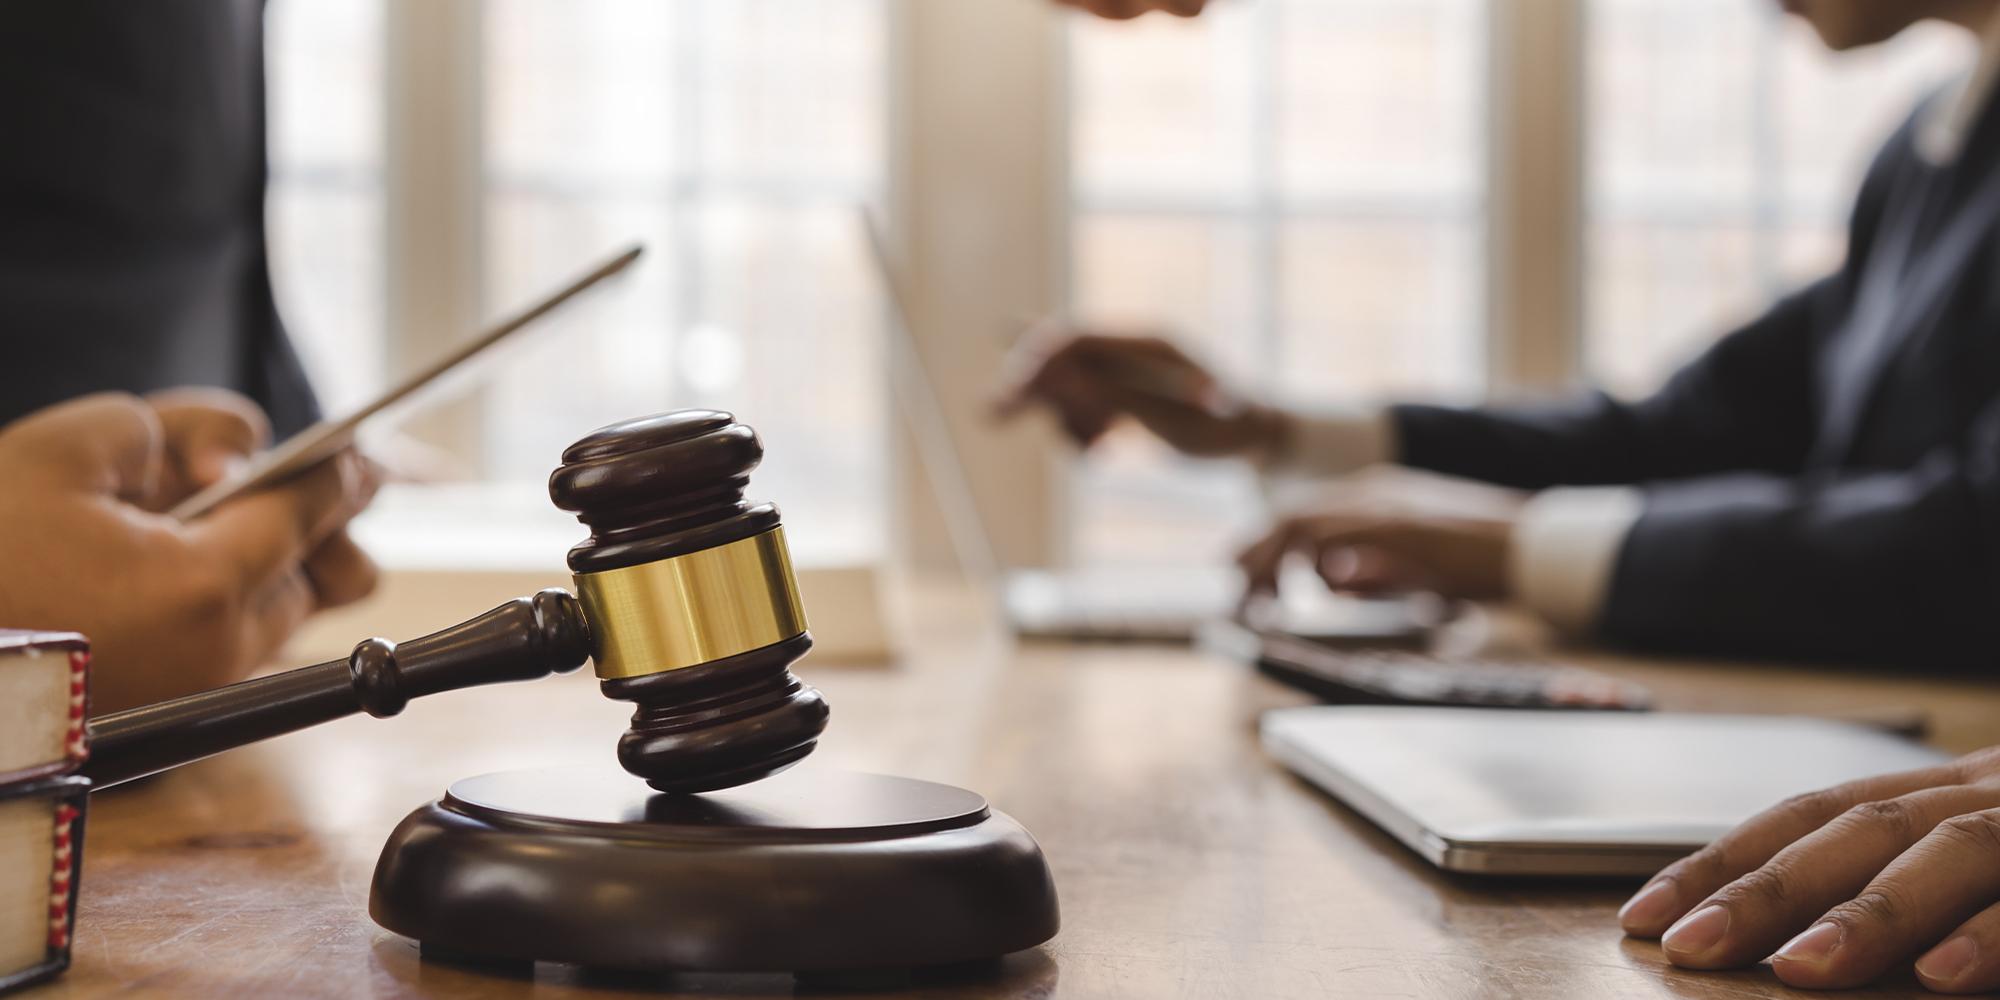 Advocacia do futuro